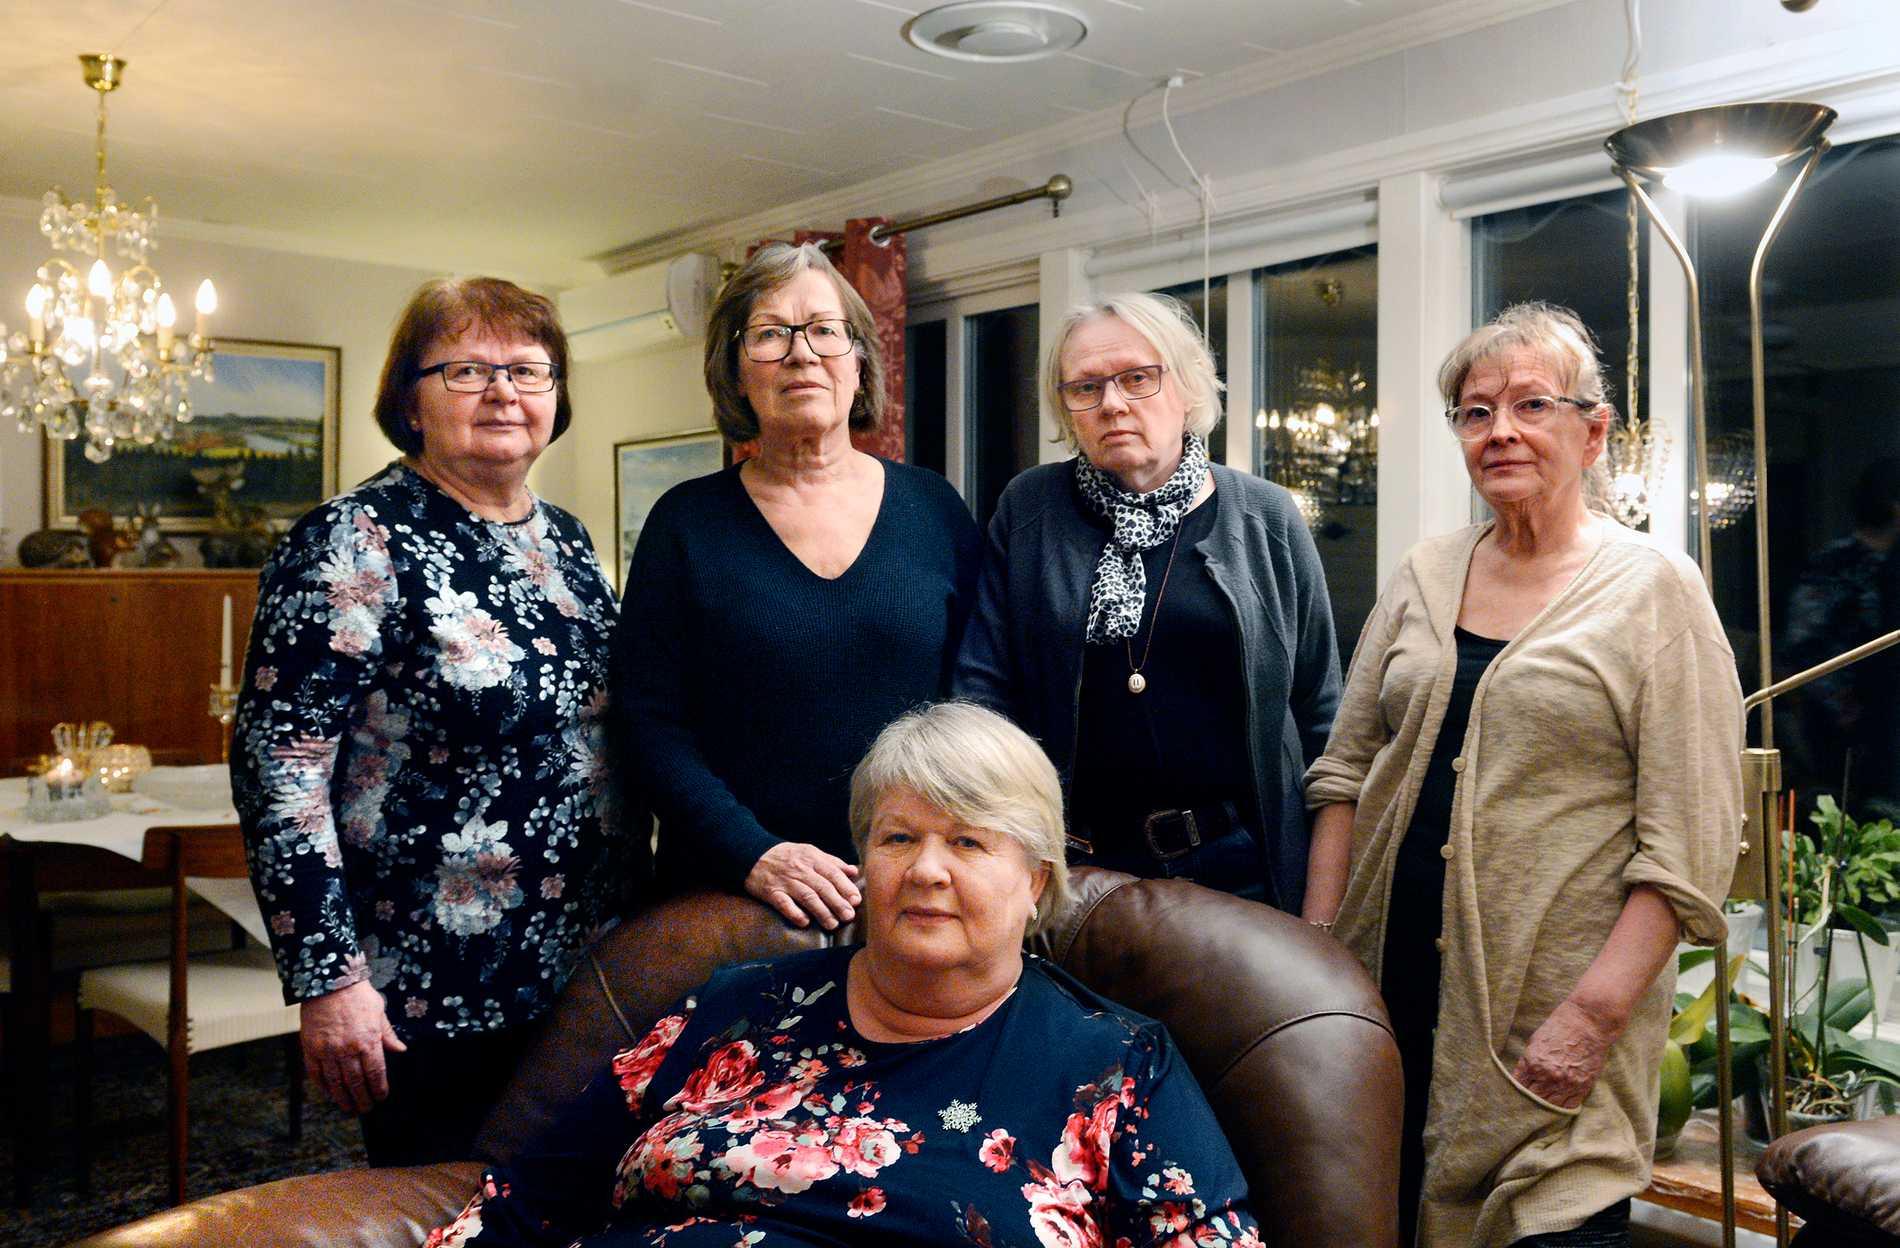 Fem arga pensionerade sjuksköterskor i Överkalix. Från vänster Sally Öhlin, Helena Persson, Anne-Maj Wennberg, Marja Nilsson och – sittande – Seija Eliasson.